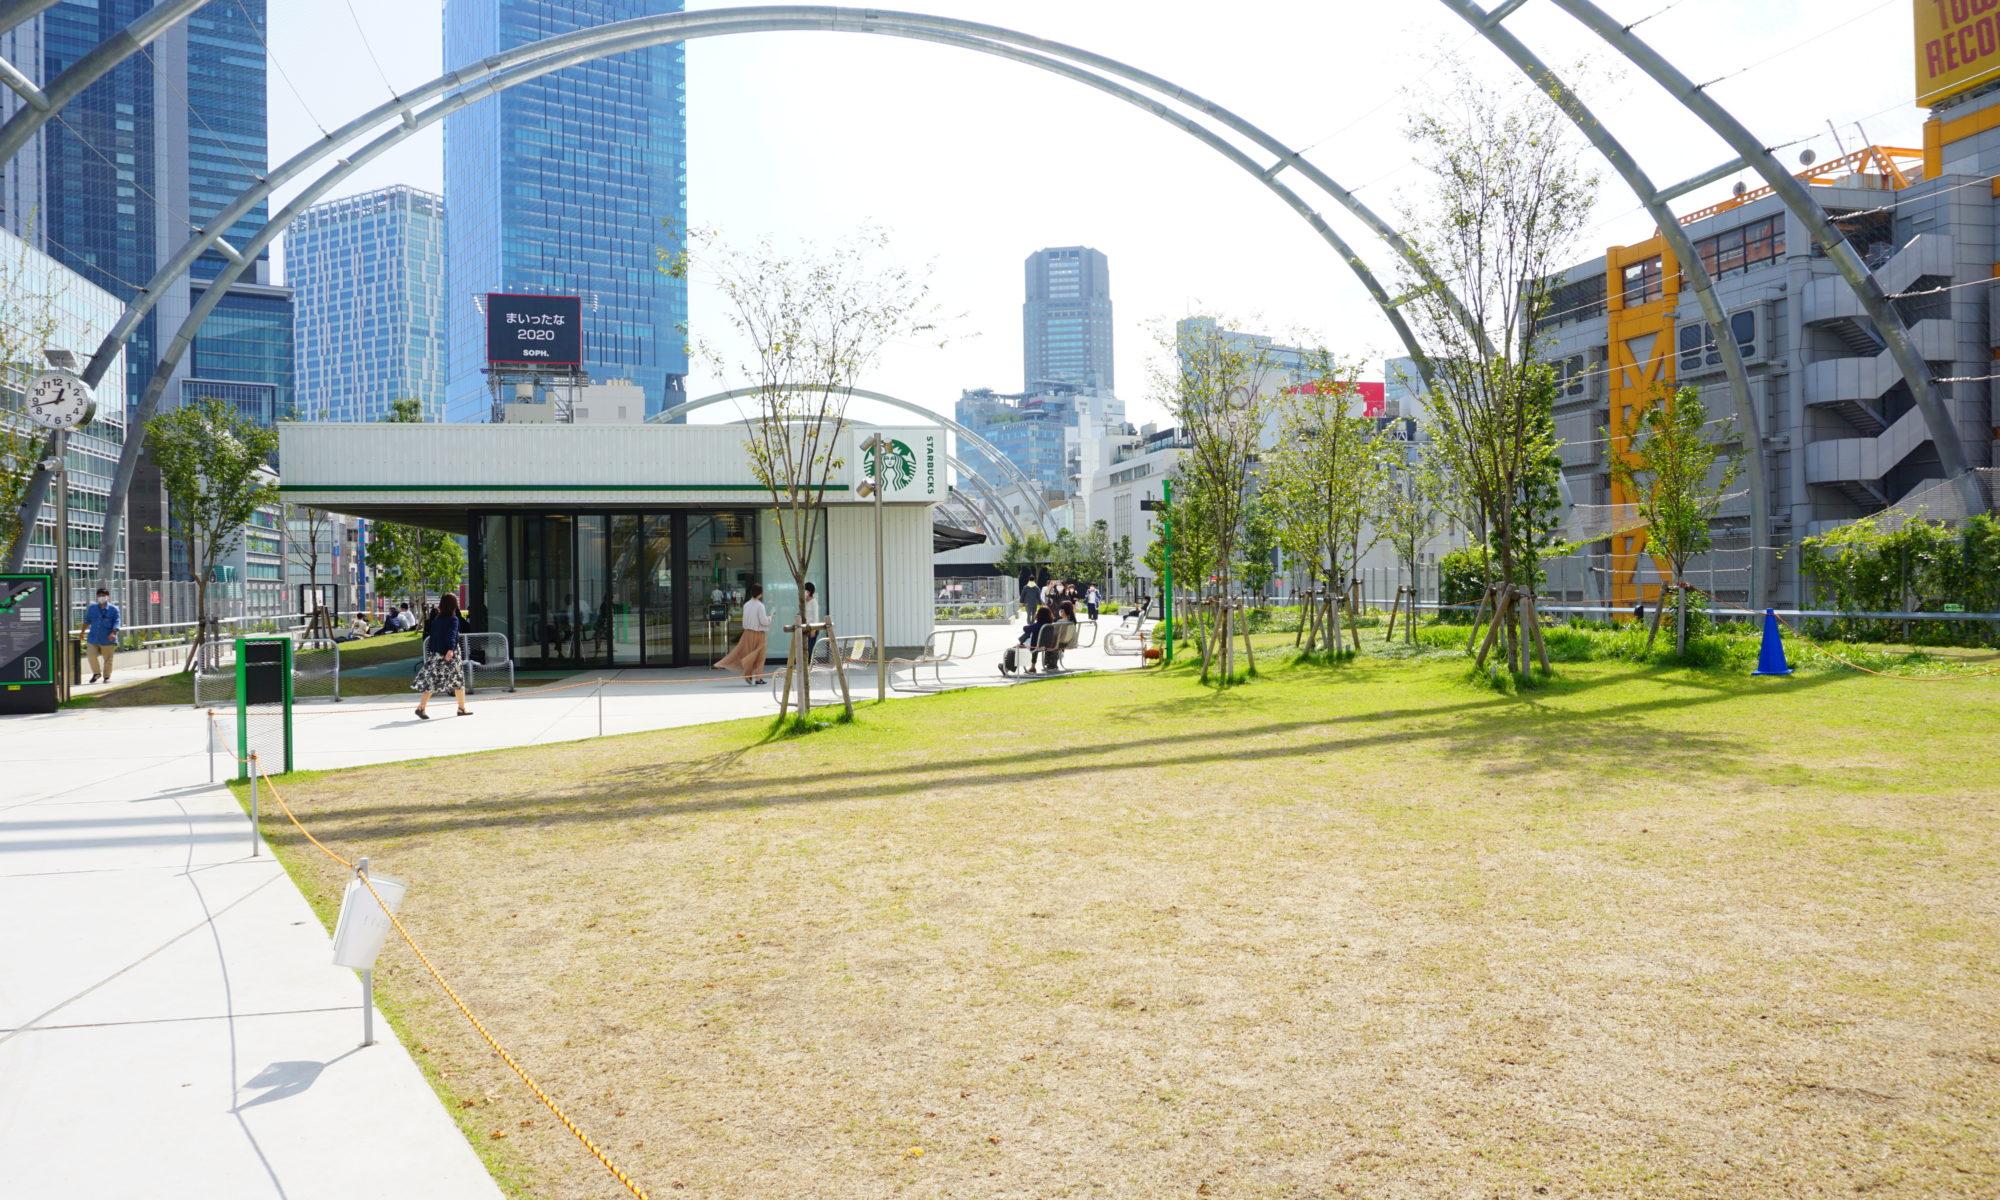 生まれ変わった!進化する渋谷・原宿の新ランドマークをおさんぽ♪